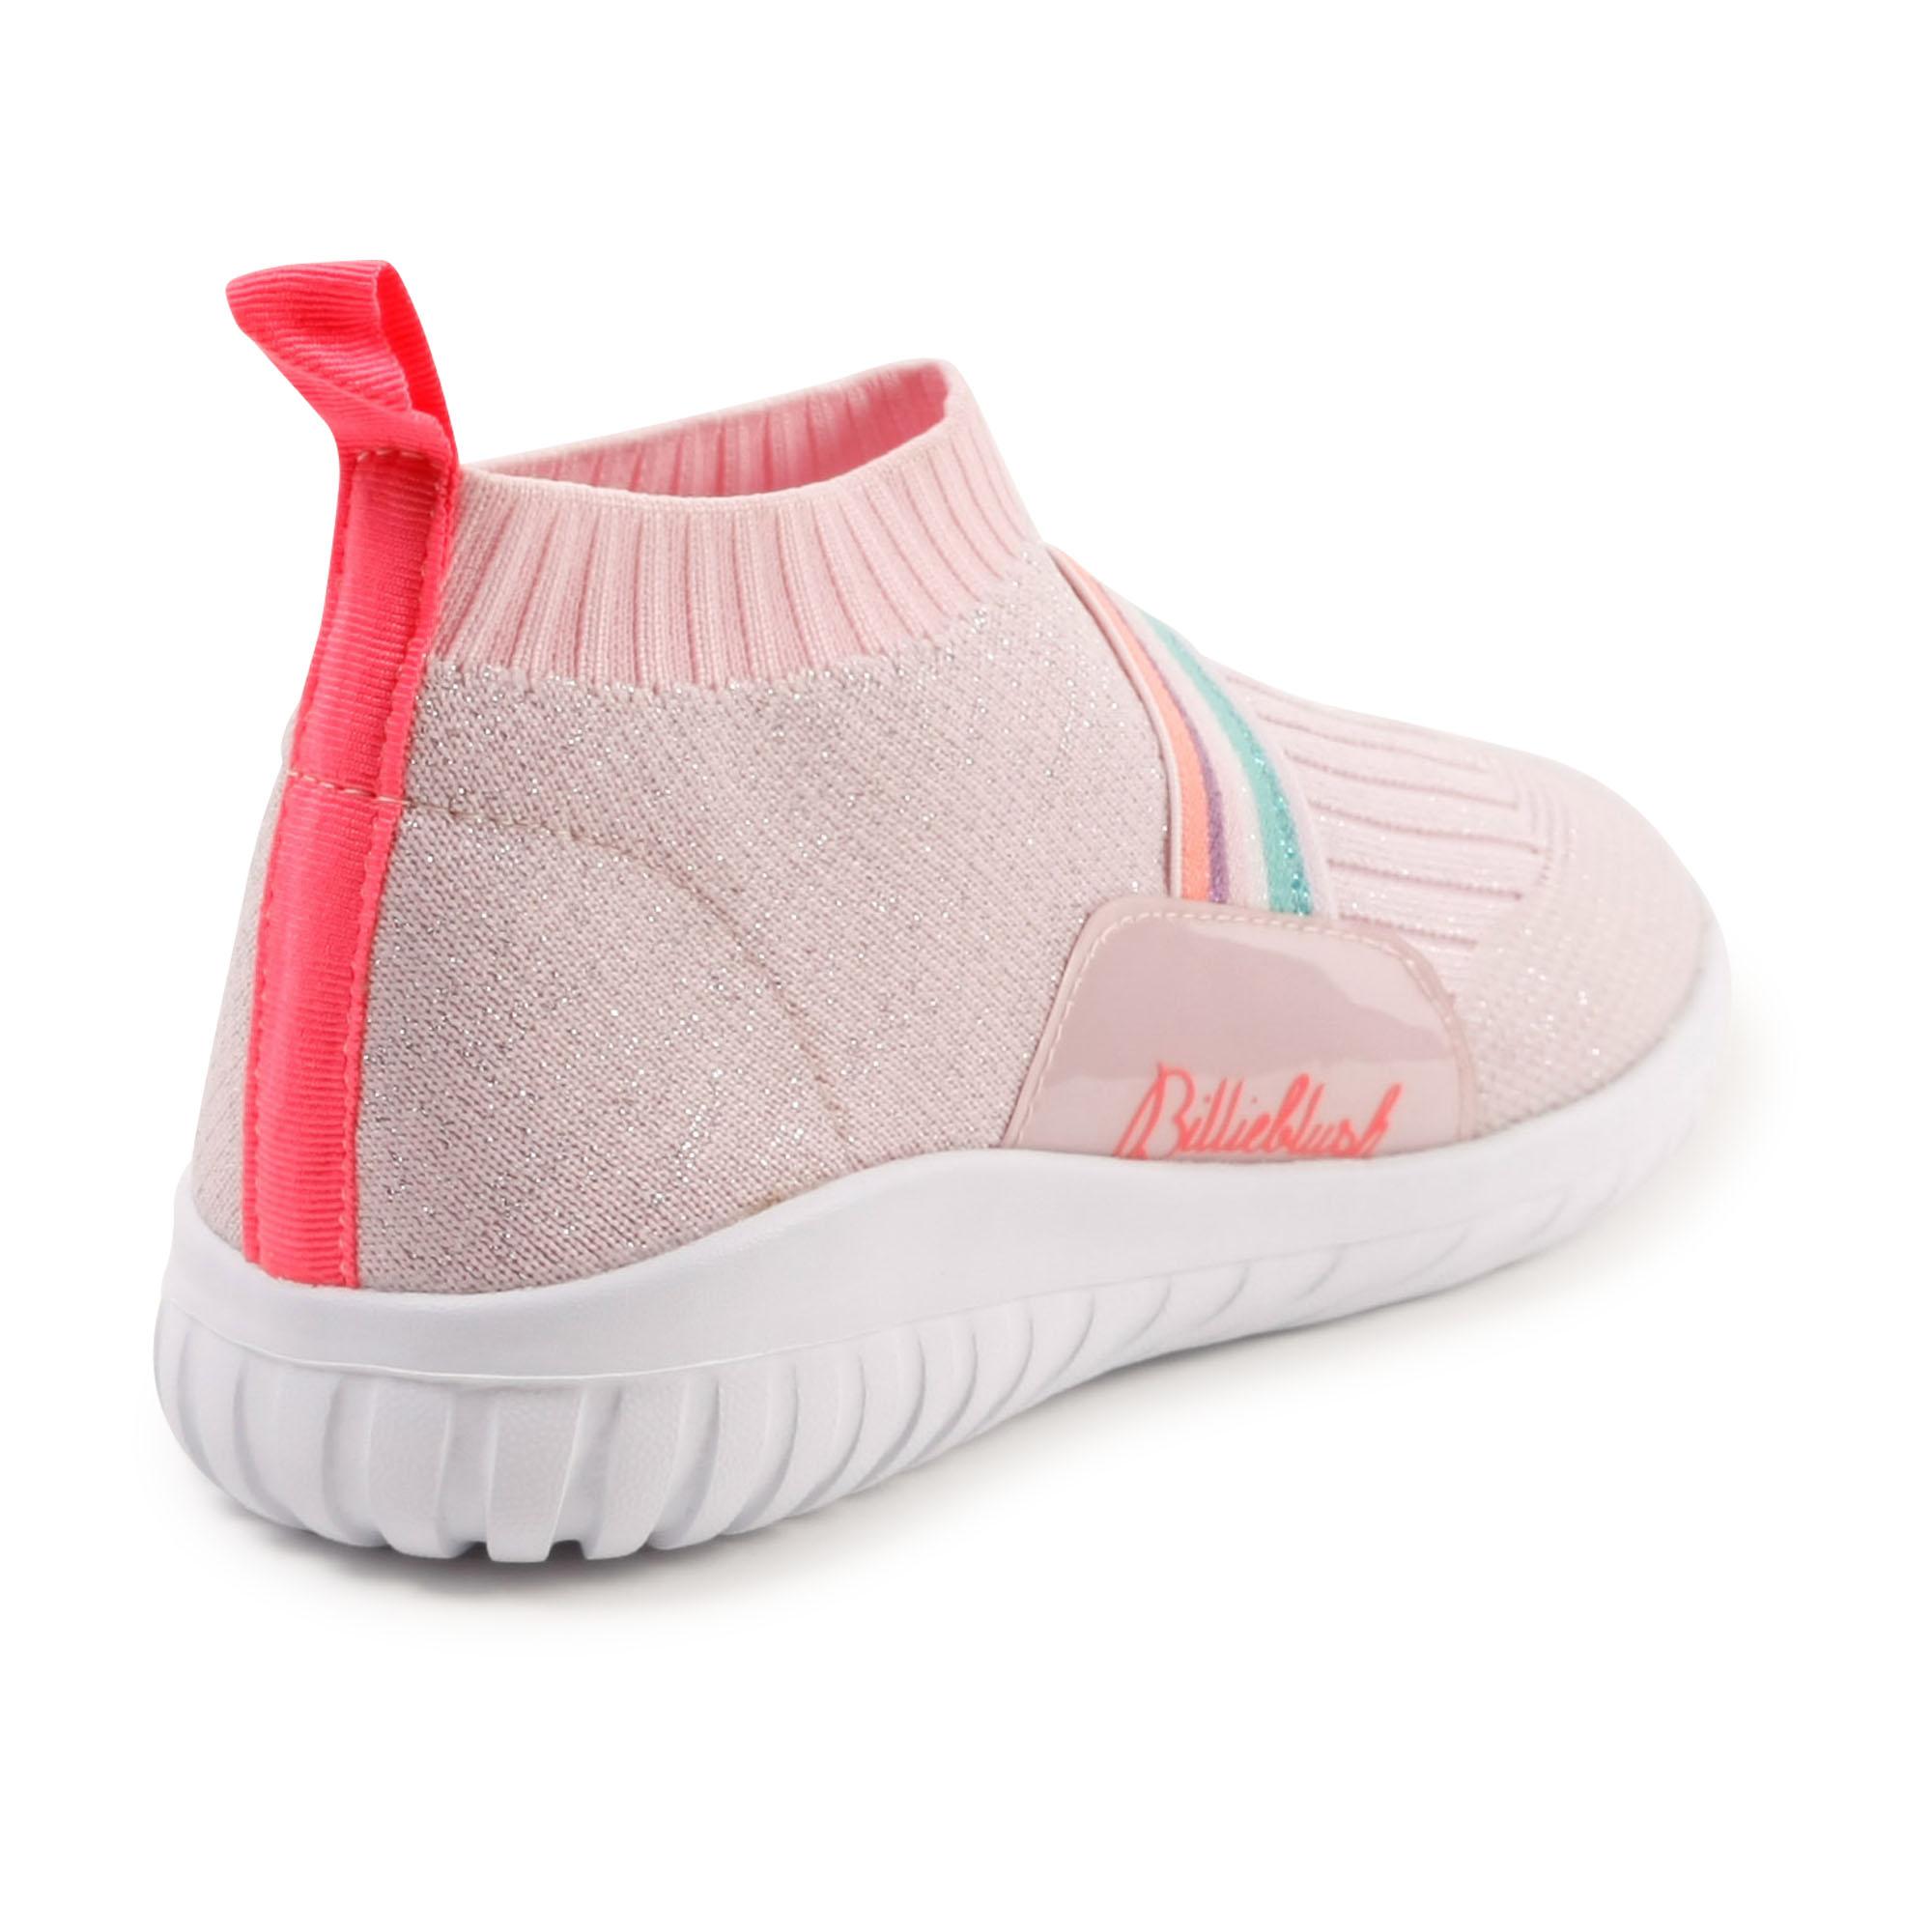 Baskets en tricot élastique BILLIEBLUSH pour FILLE